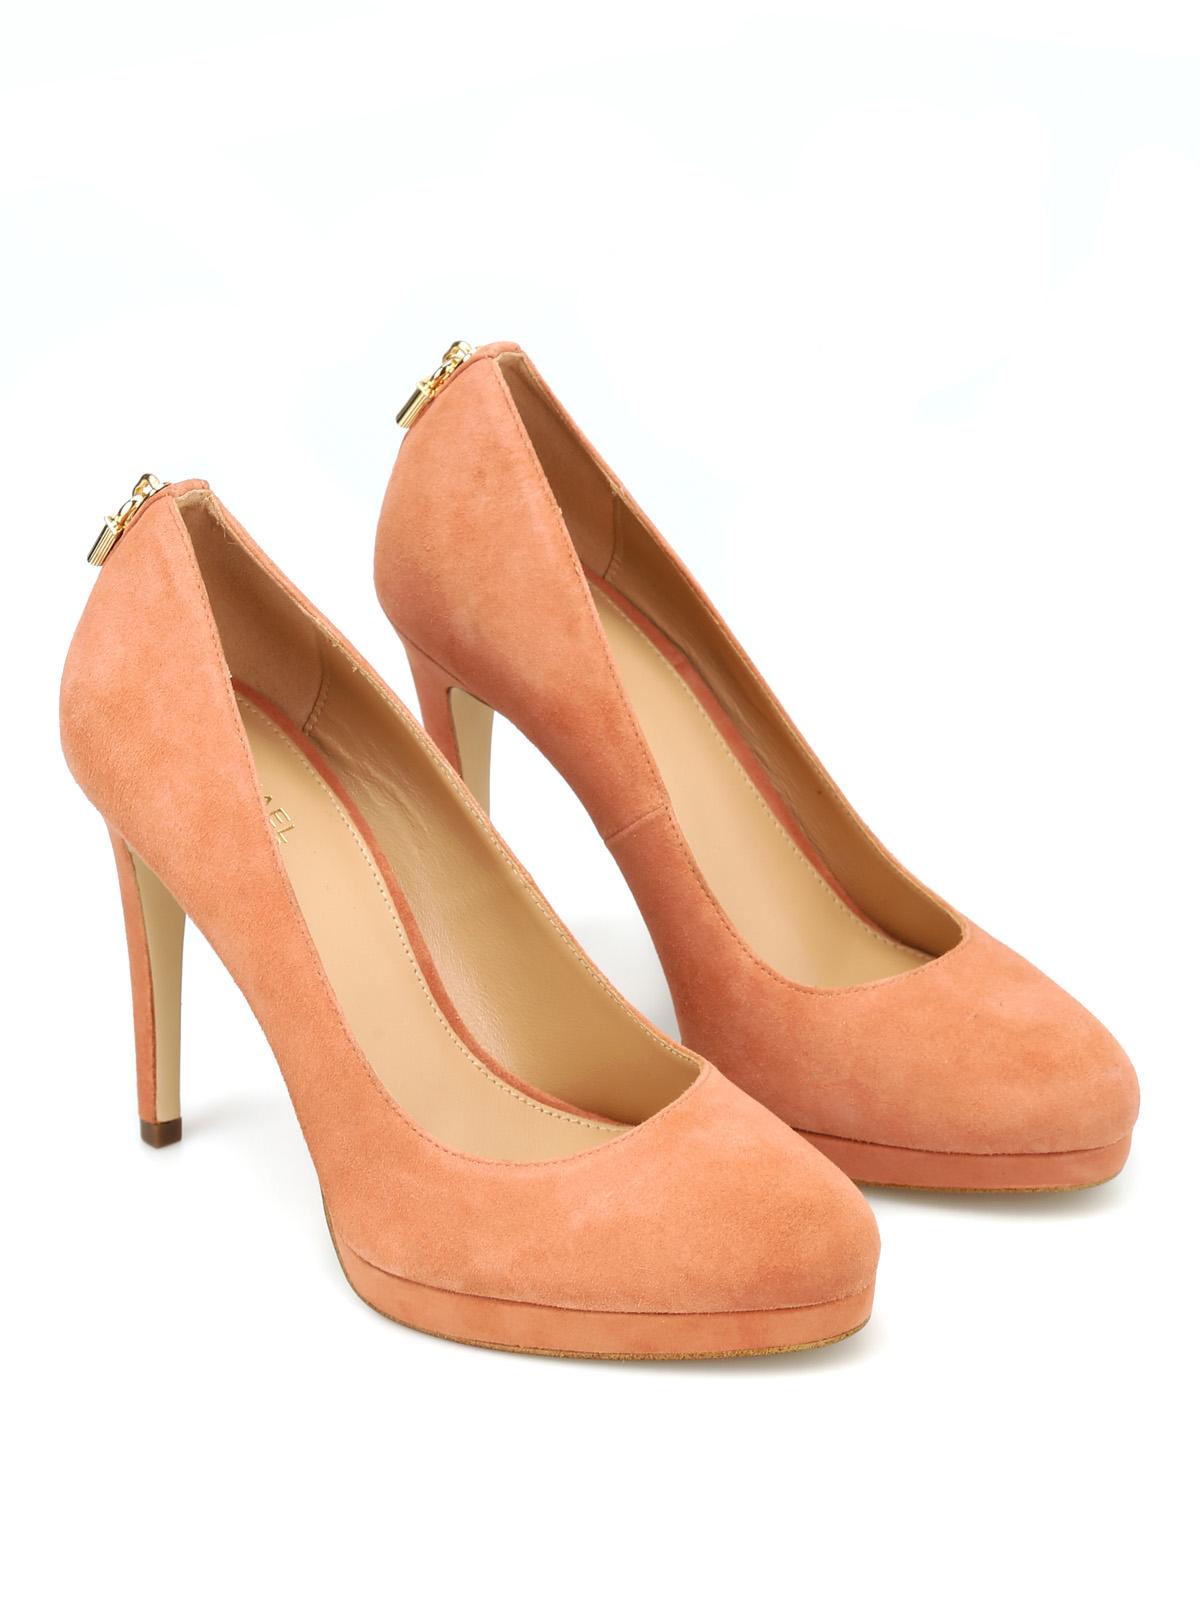 2439c6eb09cd4 Michael Kors - Antoinette suede pumps - court shoes - 40T8ATHP1S 238